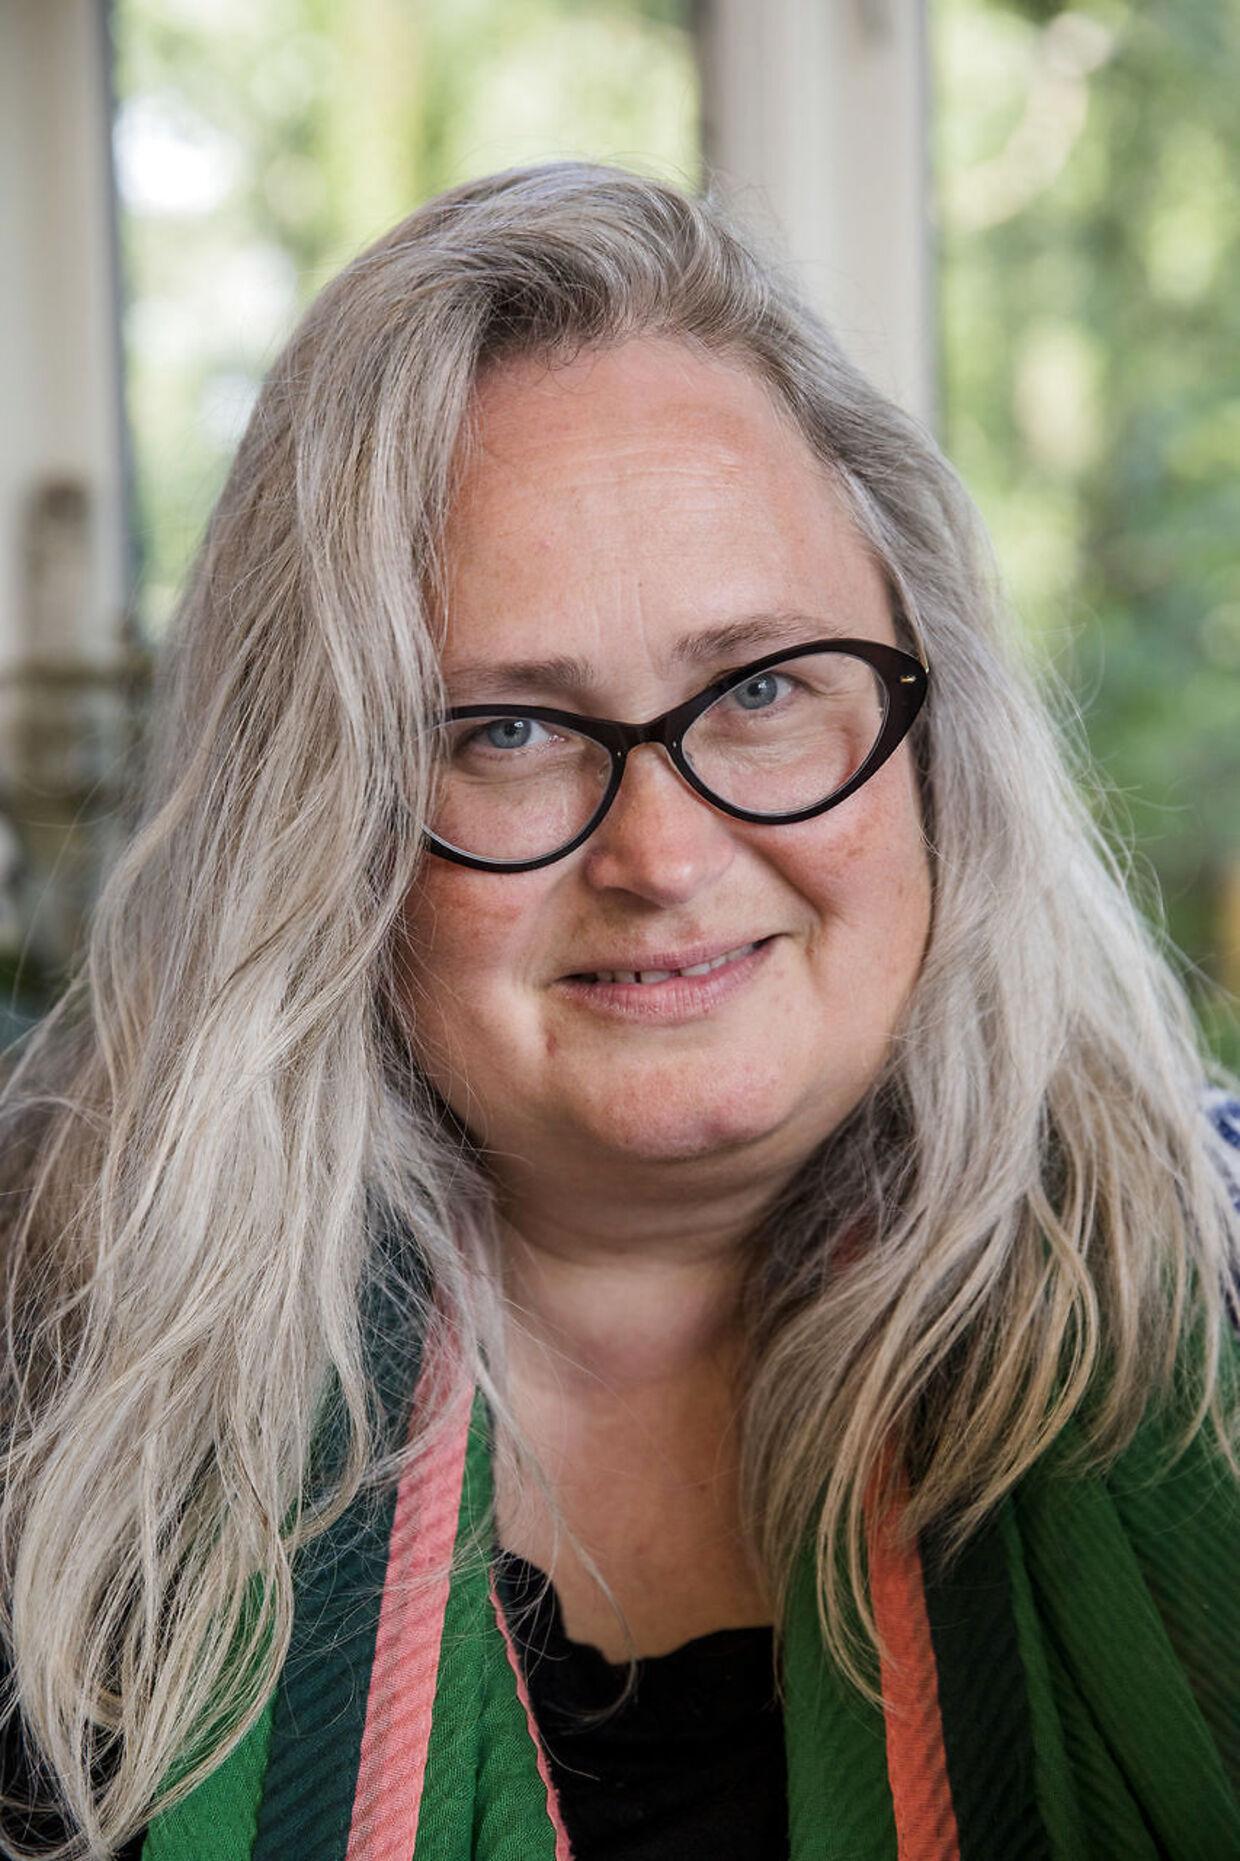 »Jeg har ikke hyret lektiehjælp for at pace mit barn. Men hvis de har svært ved noget, synes jeg, man som forælder har pligt til at hjælpe dem,« siger Kathrine Bundgaard.